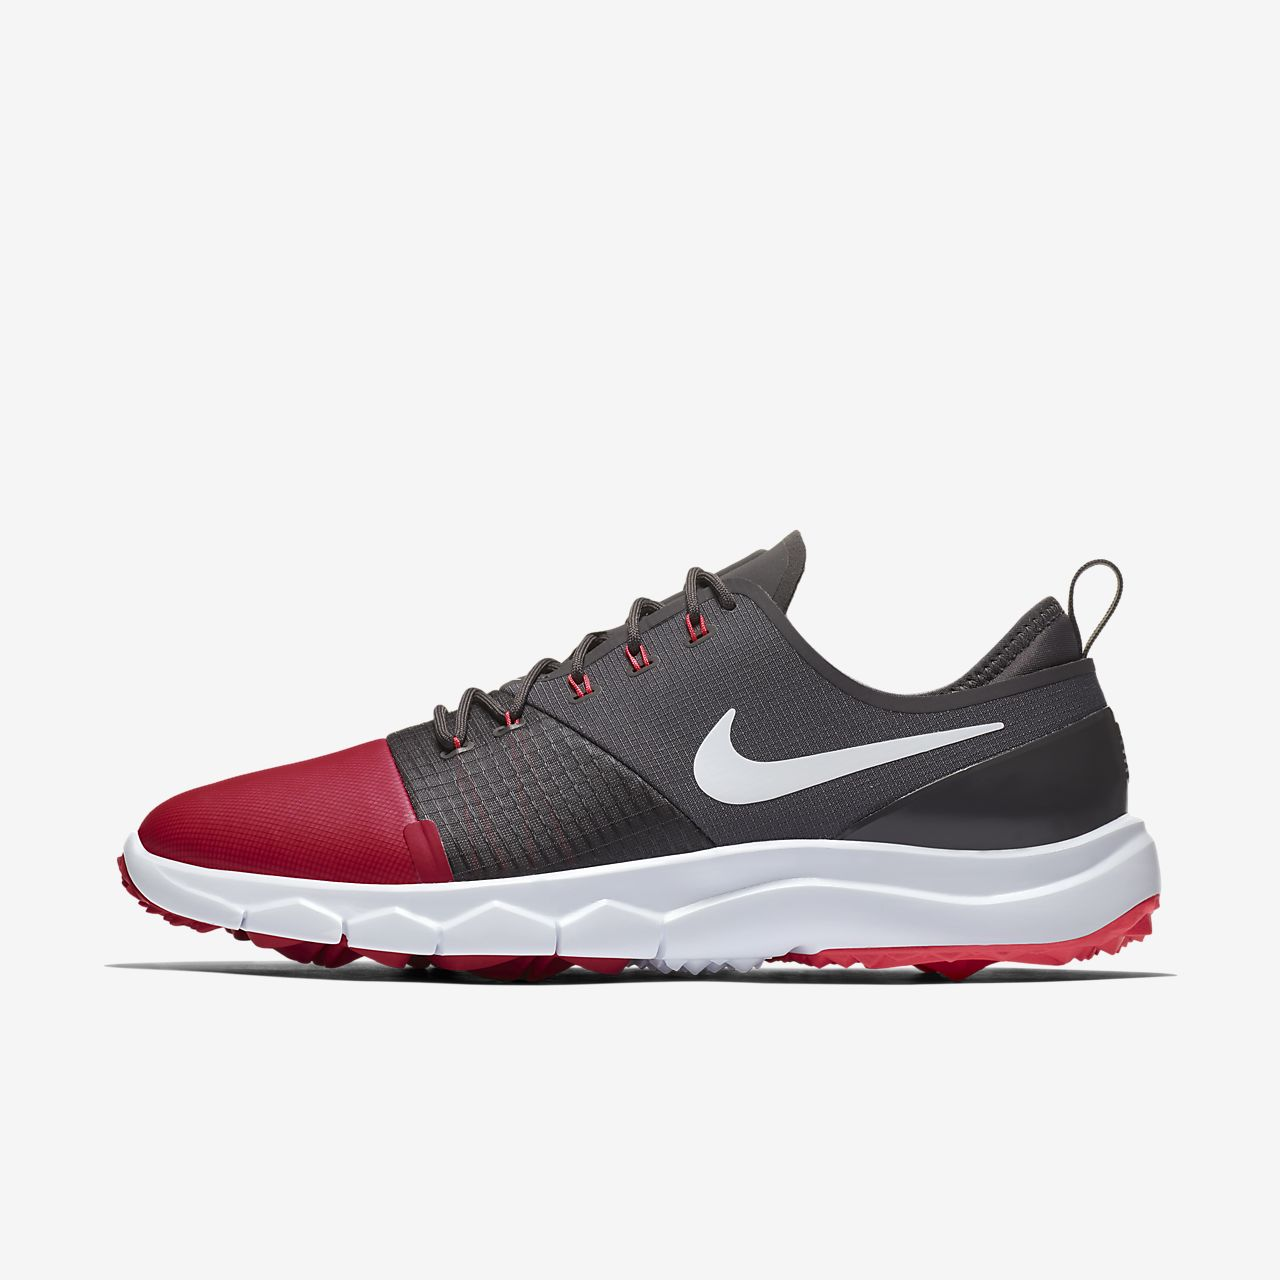 Golfsko Nike FI Impact 3 för kvinnor